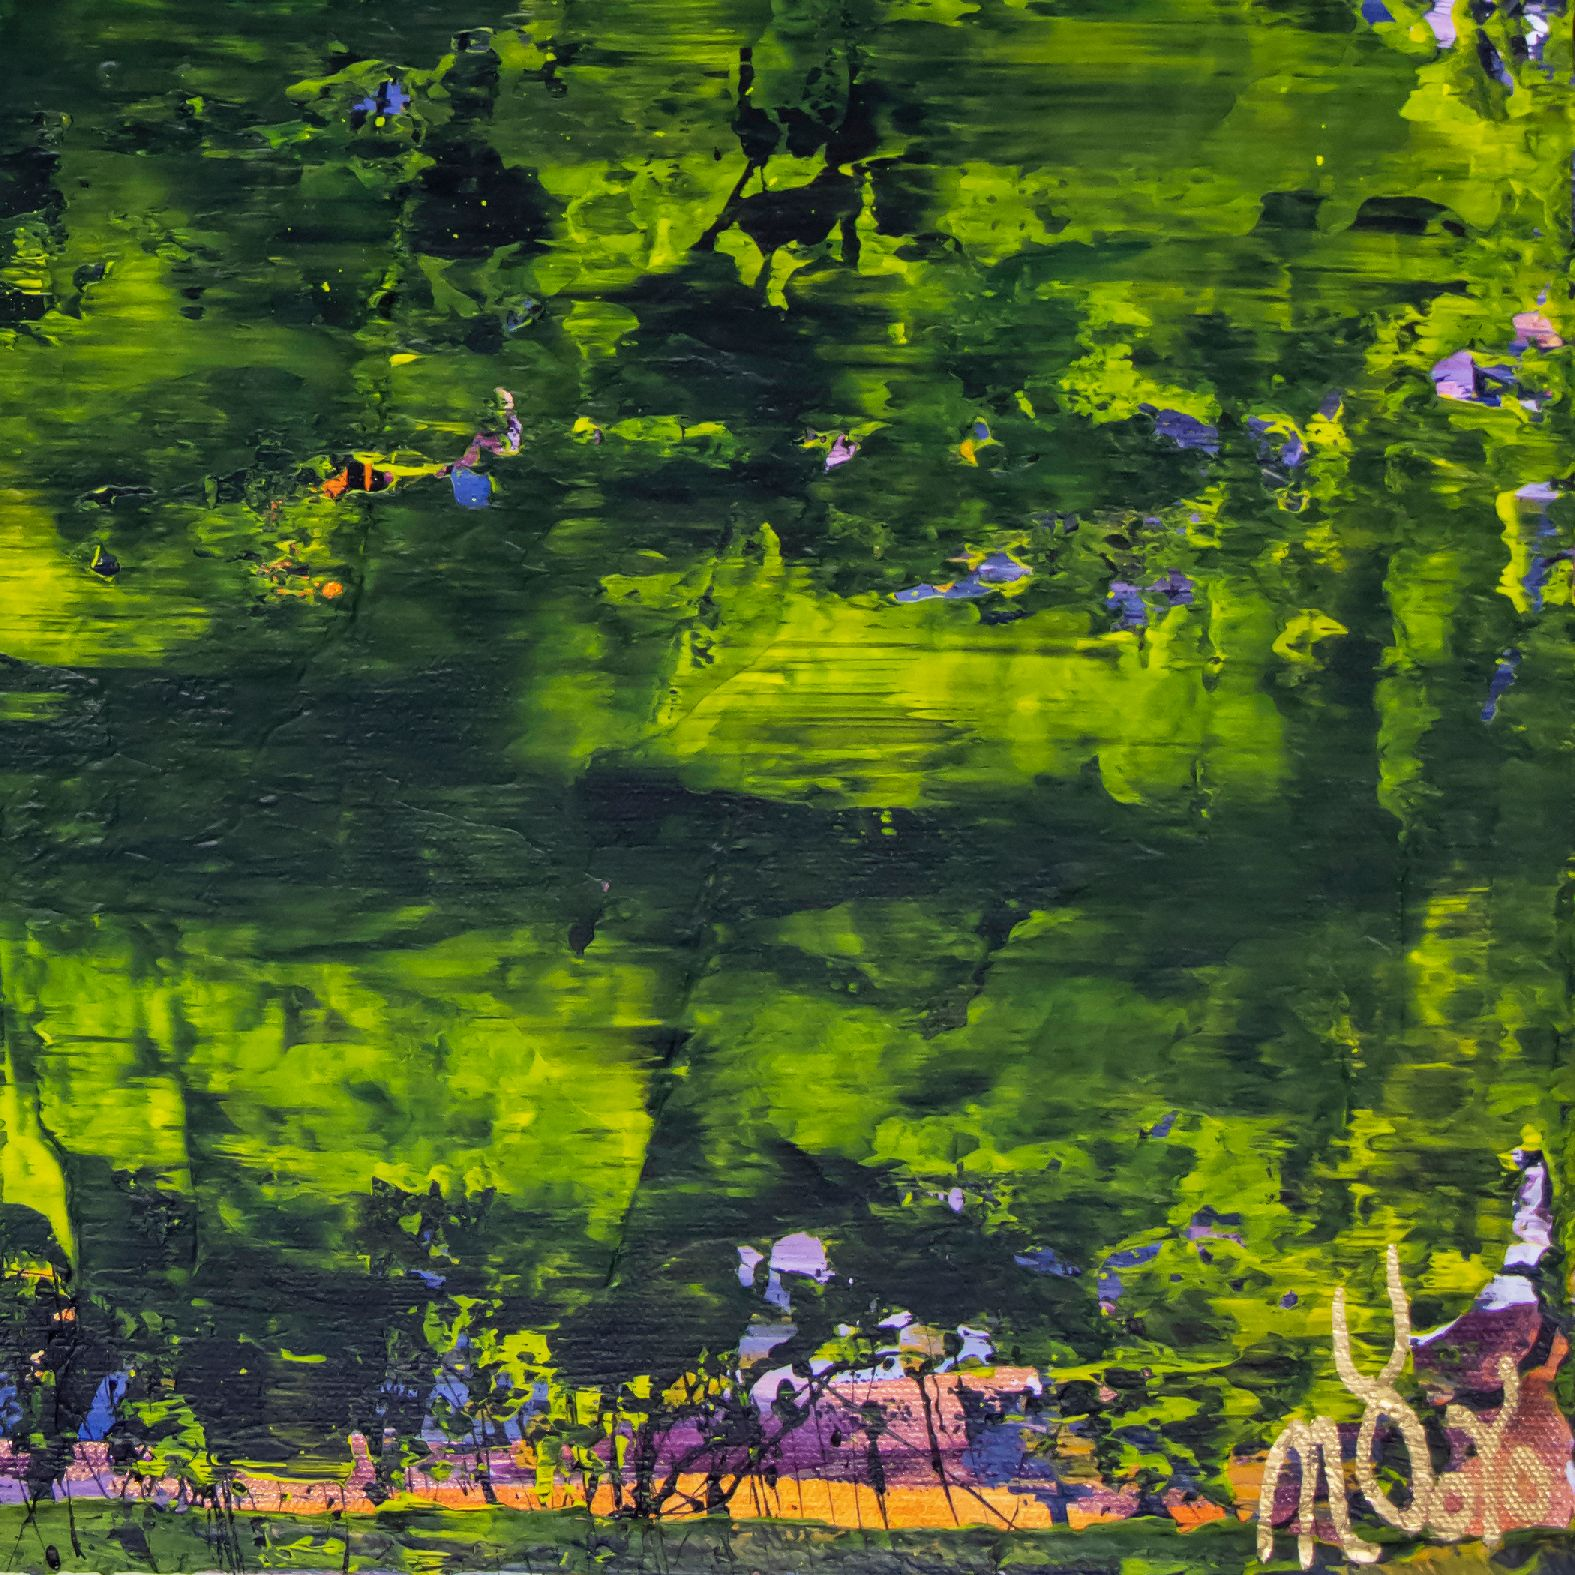 Borneo (Rain forest dream) (2020) by Nestor Toro